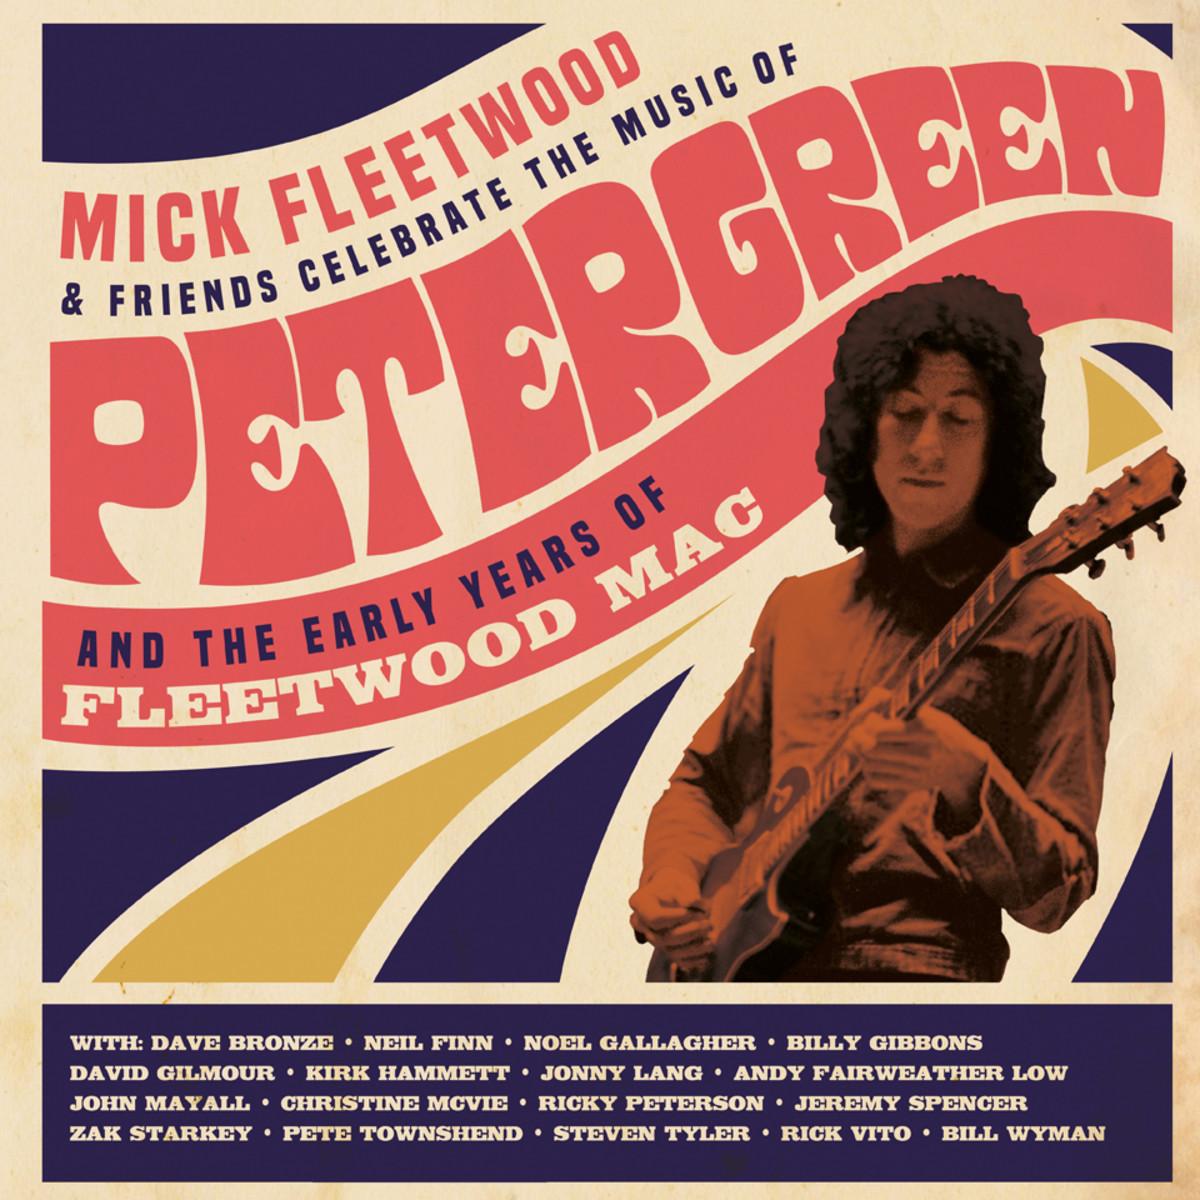 Mick-Fleetwood&Friends box